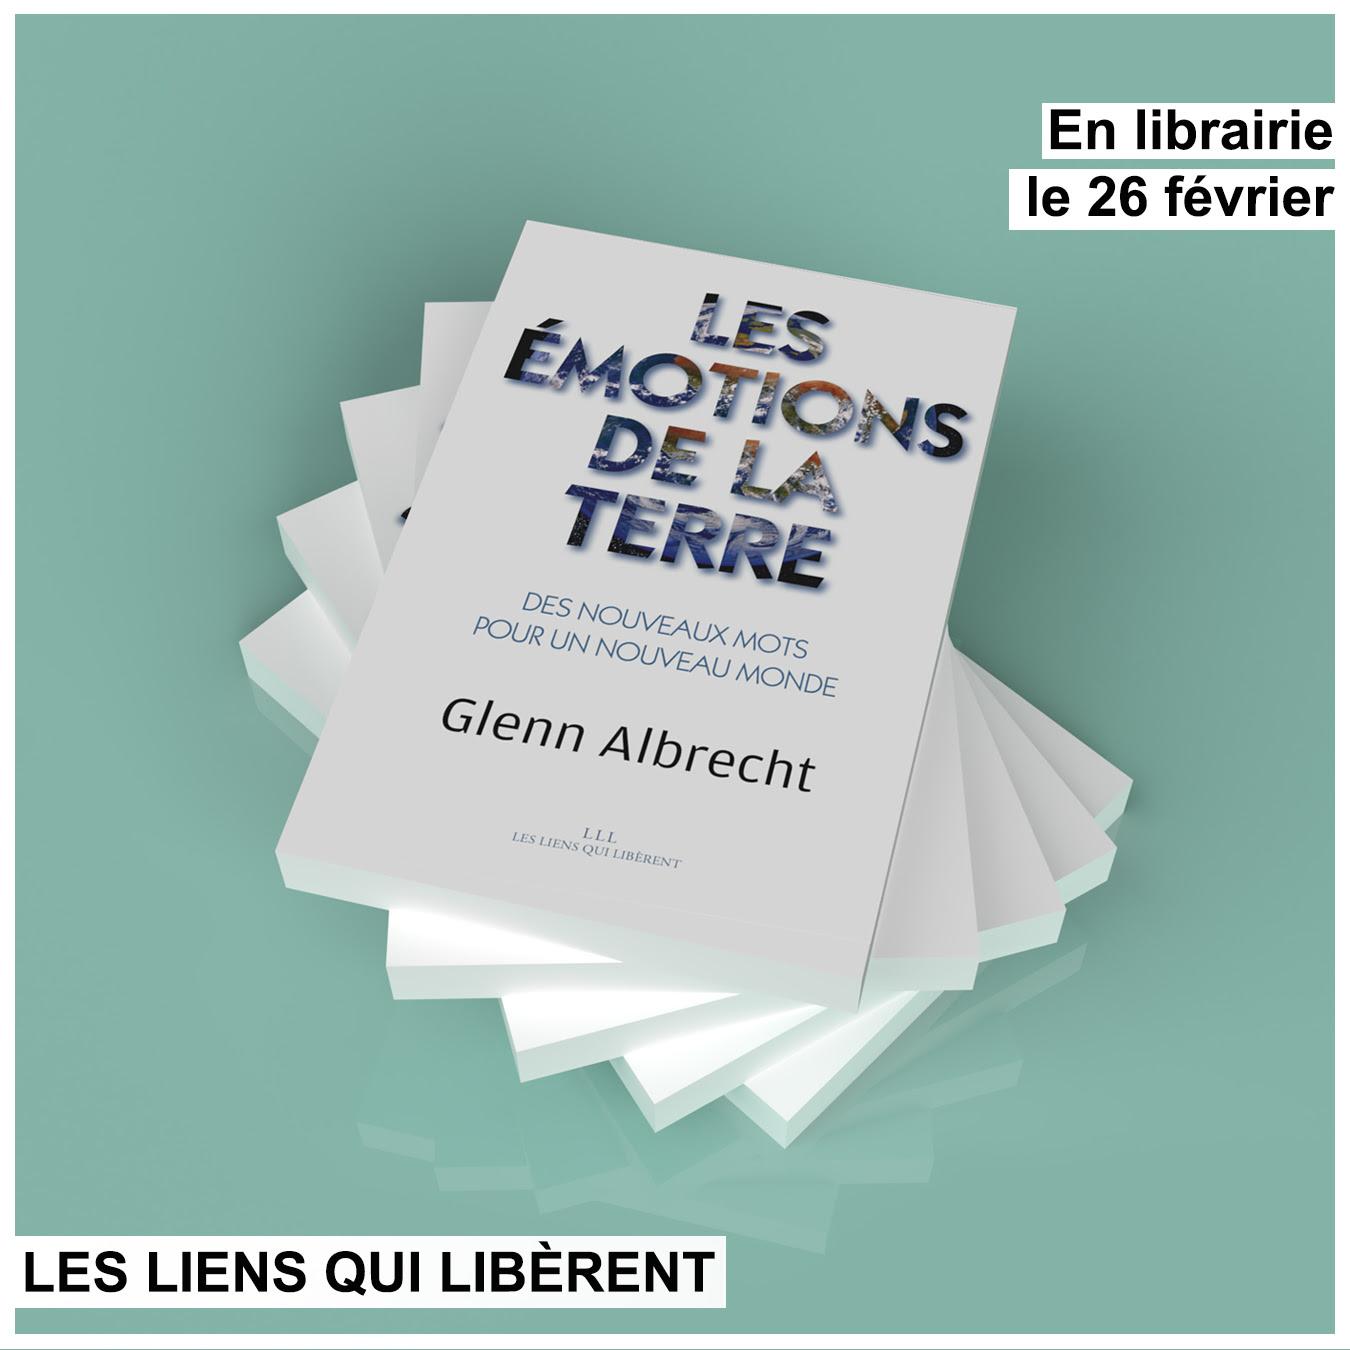 Les émotions de la Terre, Glenn Albrecht – Éditions Les Liens qui Libèrent